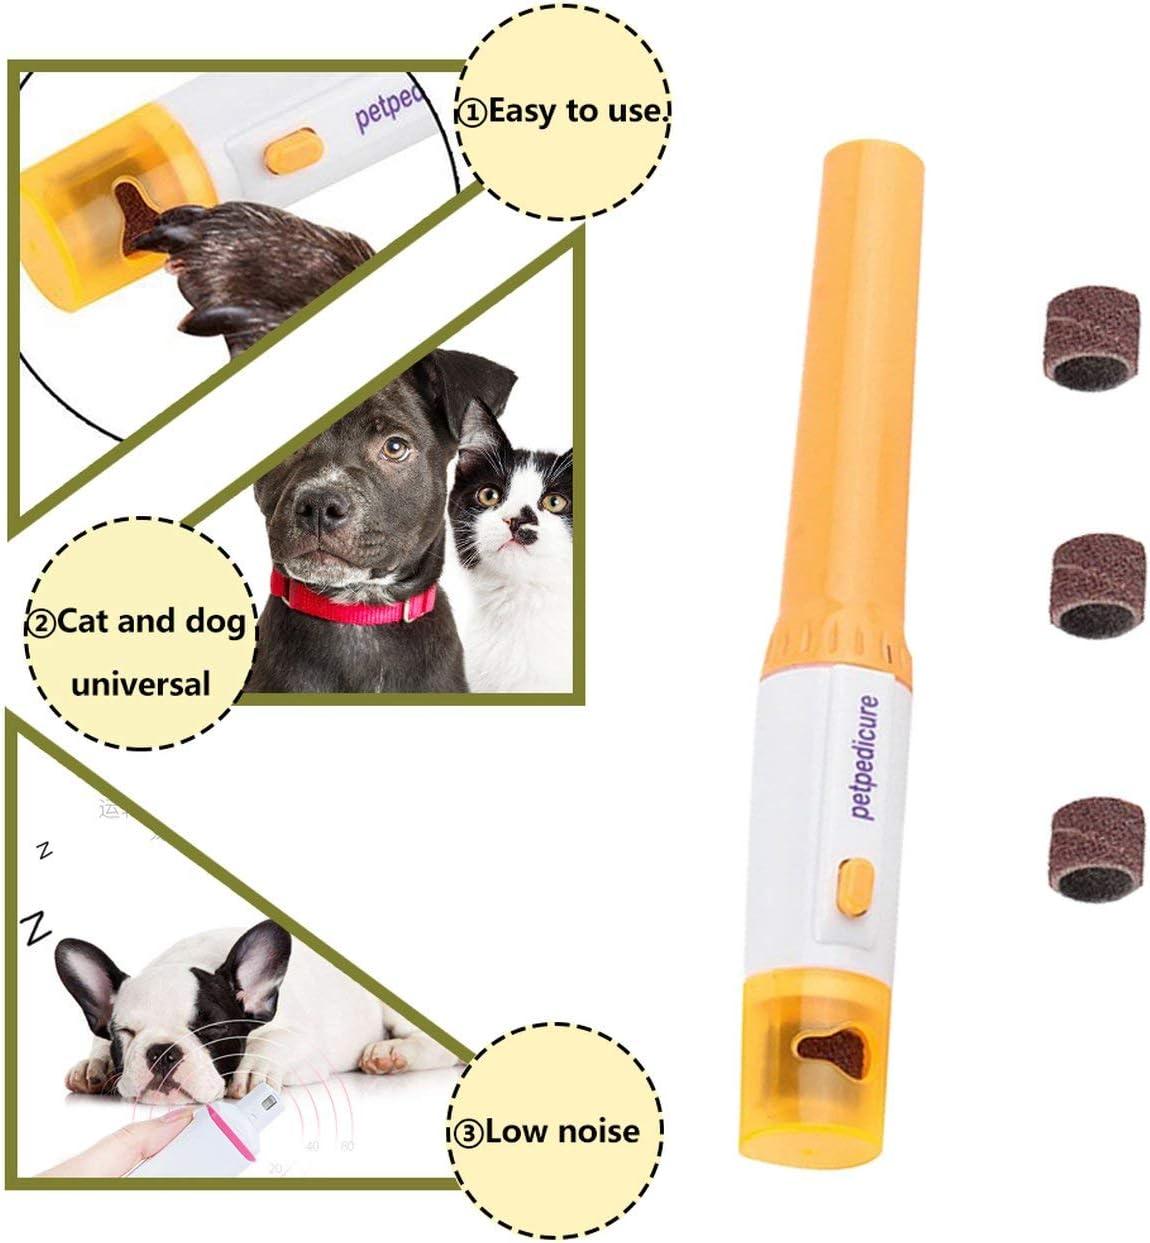 Forbici elettriche Kit Lima per Unghie Manicure per Animali Domestici Cane Tagliaunghie per Cani Trimmer Smerigliatrice per Unghie Toelettatura per Unghie Grinder-Orange BCVBFGCXVB